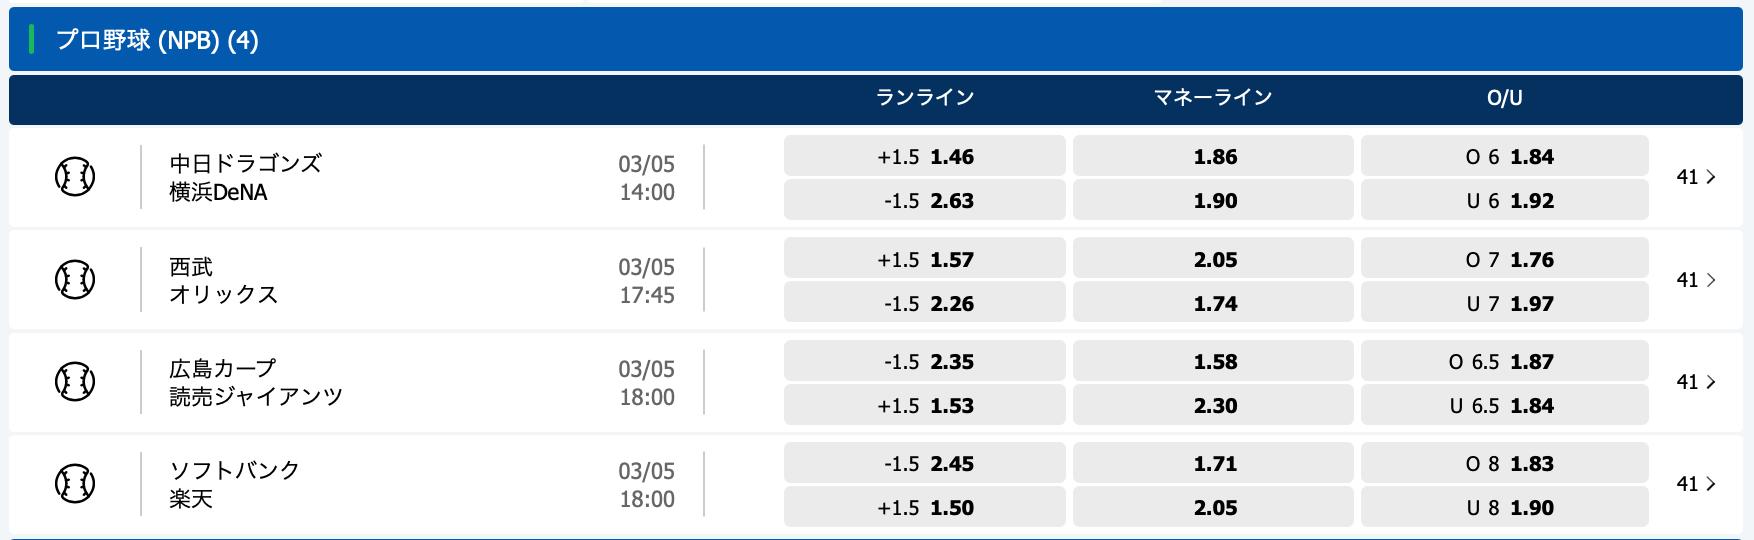 2021年5月3日プロ野球オッズ・10bet Japan